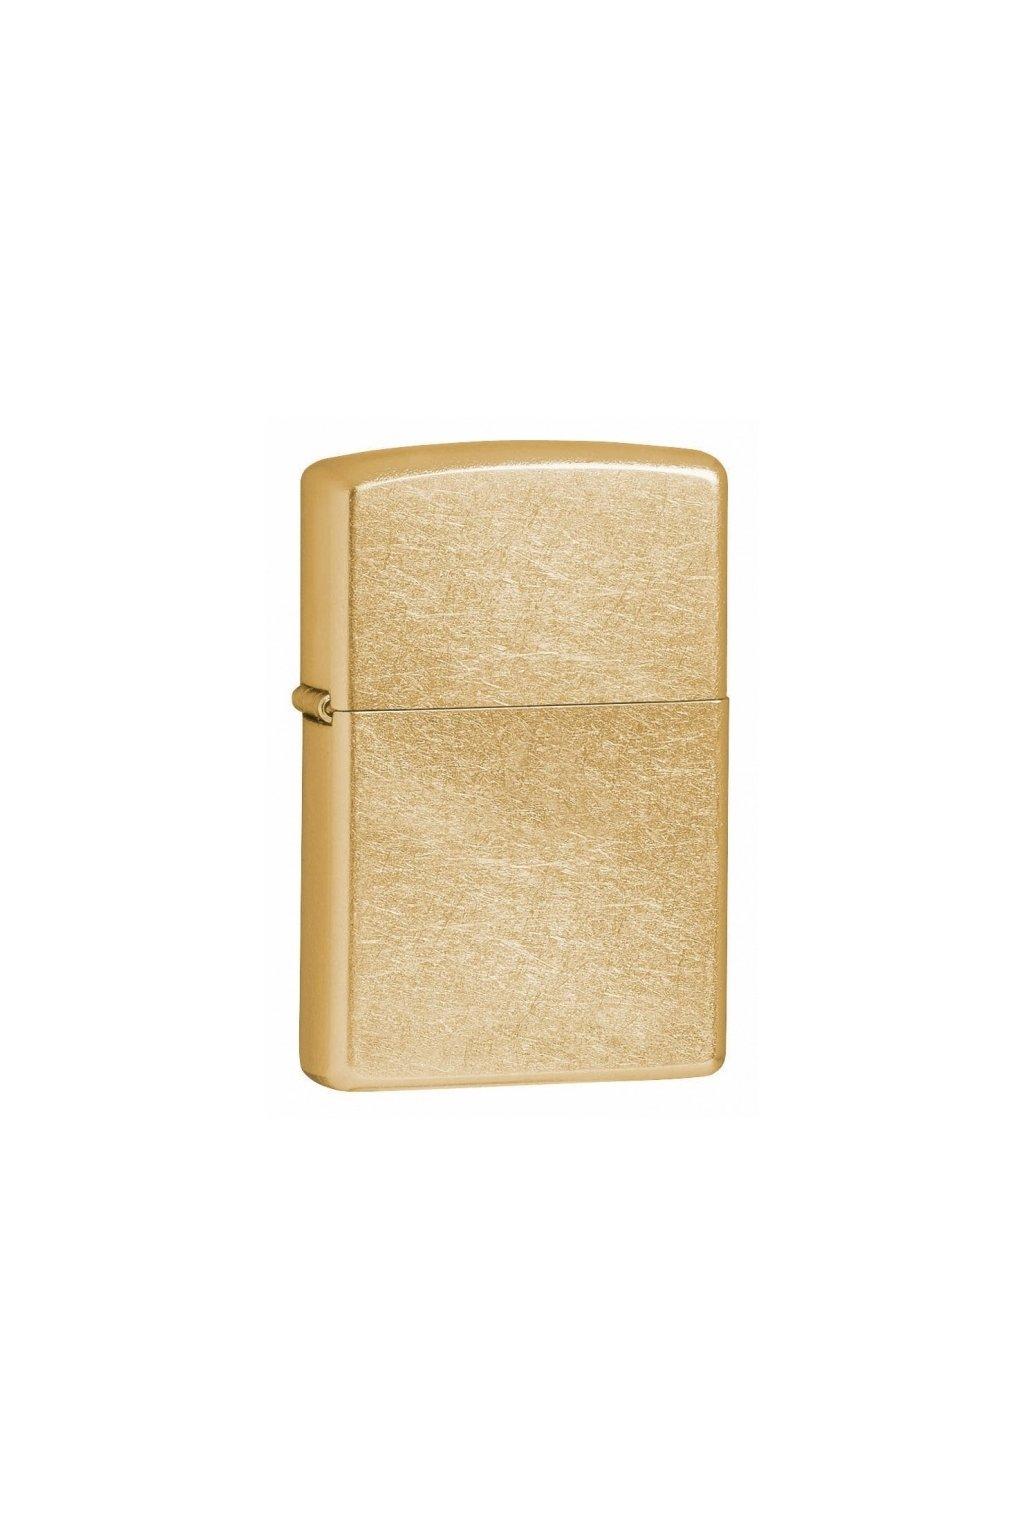 94073 zippo zapalovac 28074 gold dust